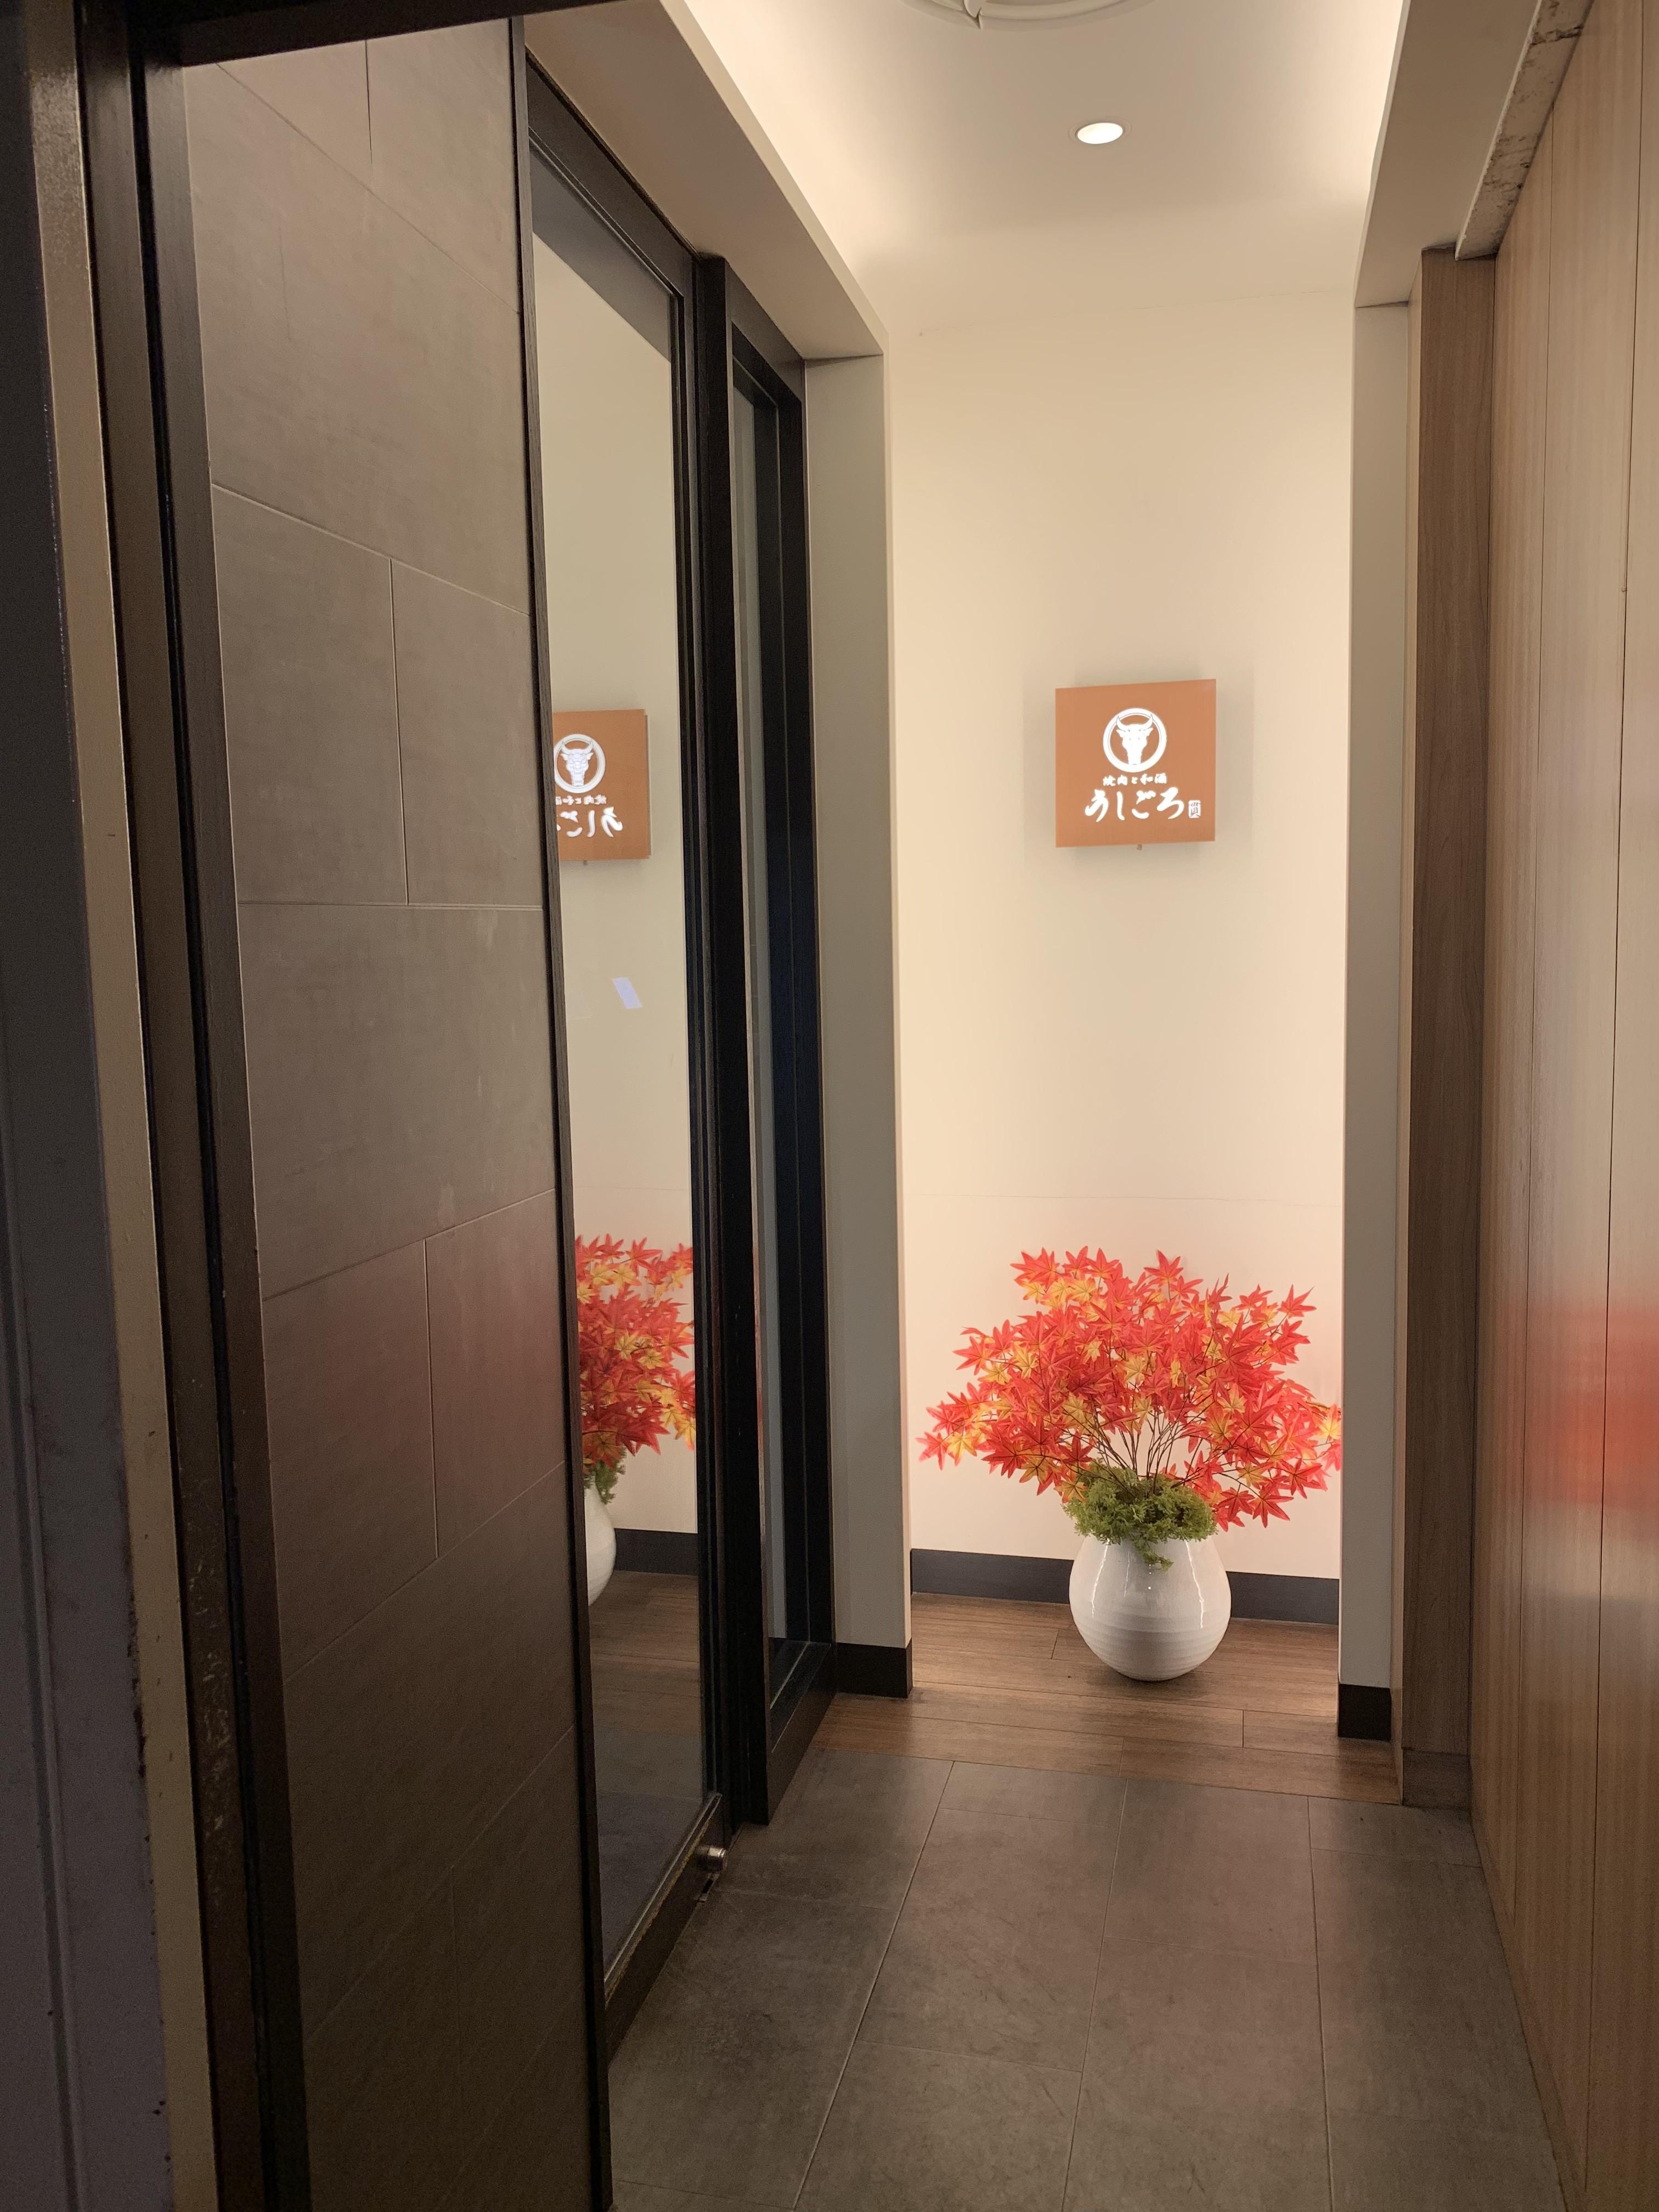 【五反田】うしごろ貫/五反田と大崎広小路の中間、隠れ家的ビルの2F。個室で味わう最高級A5ランク黒毛和牛。